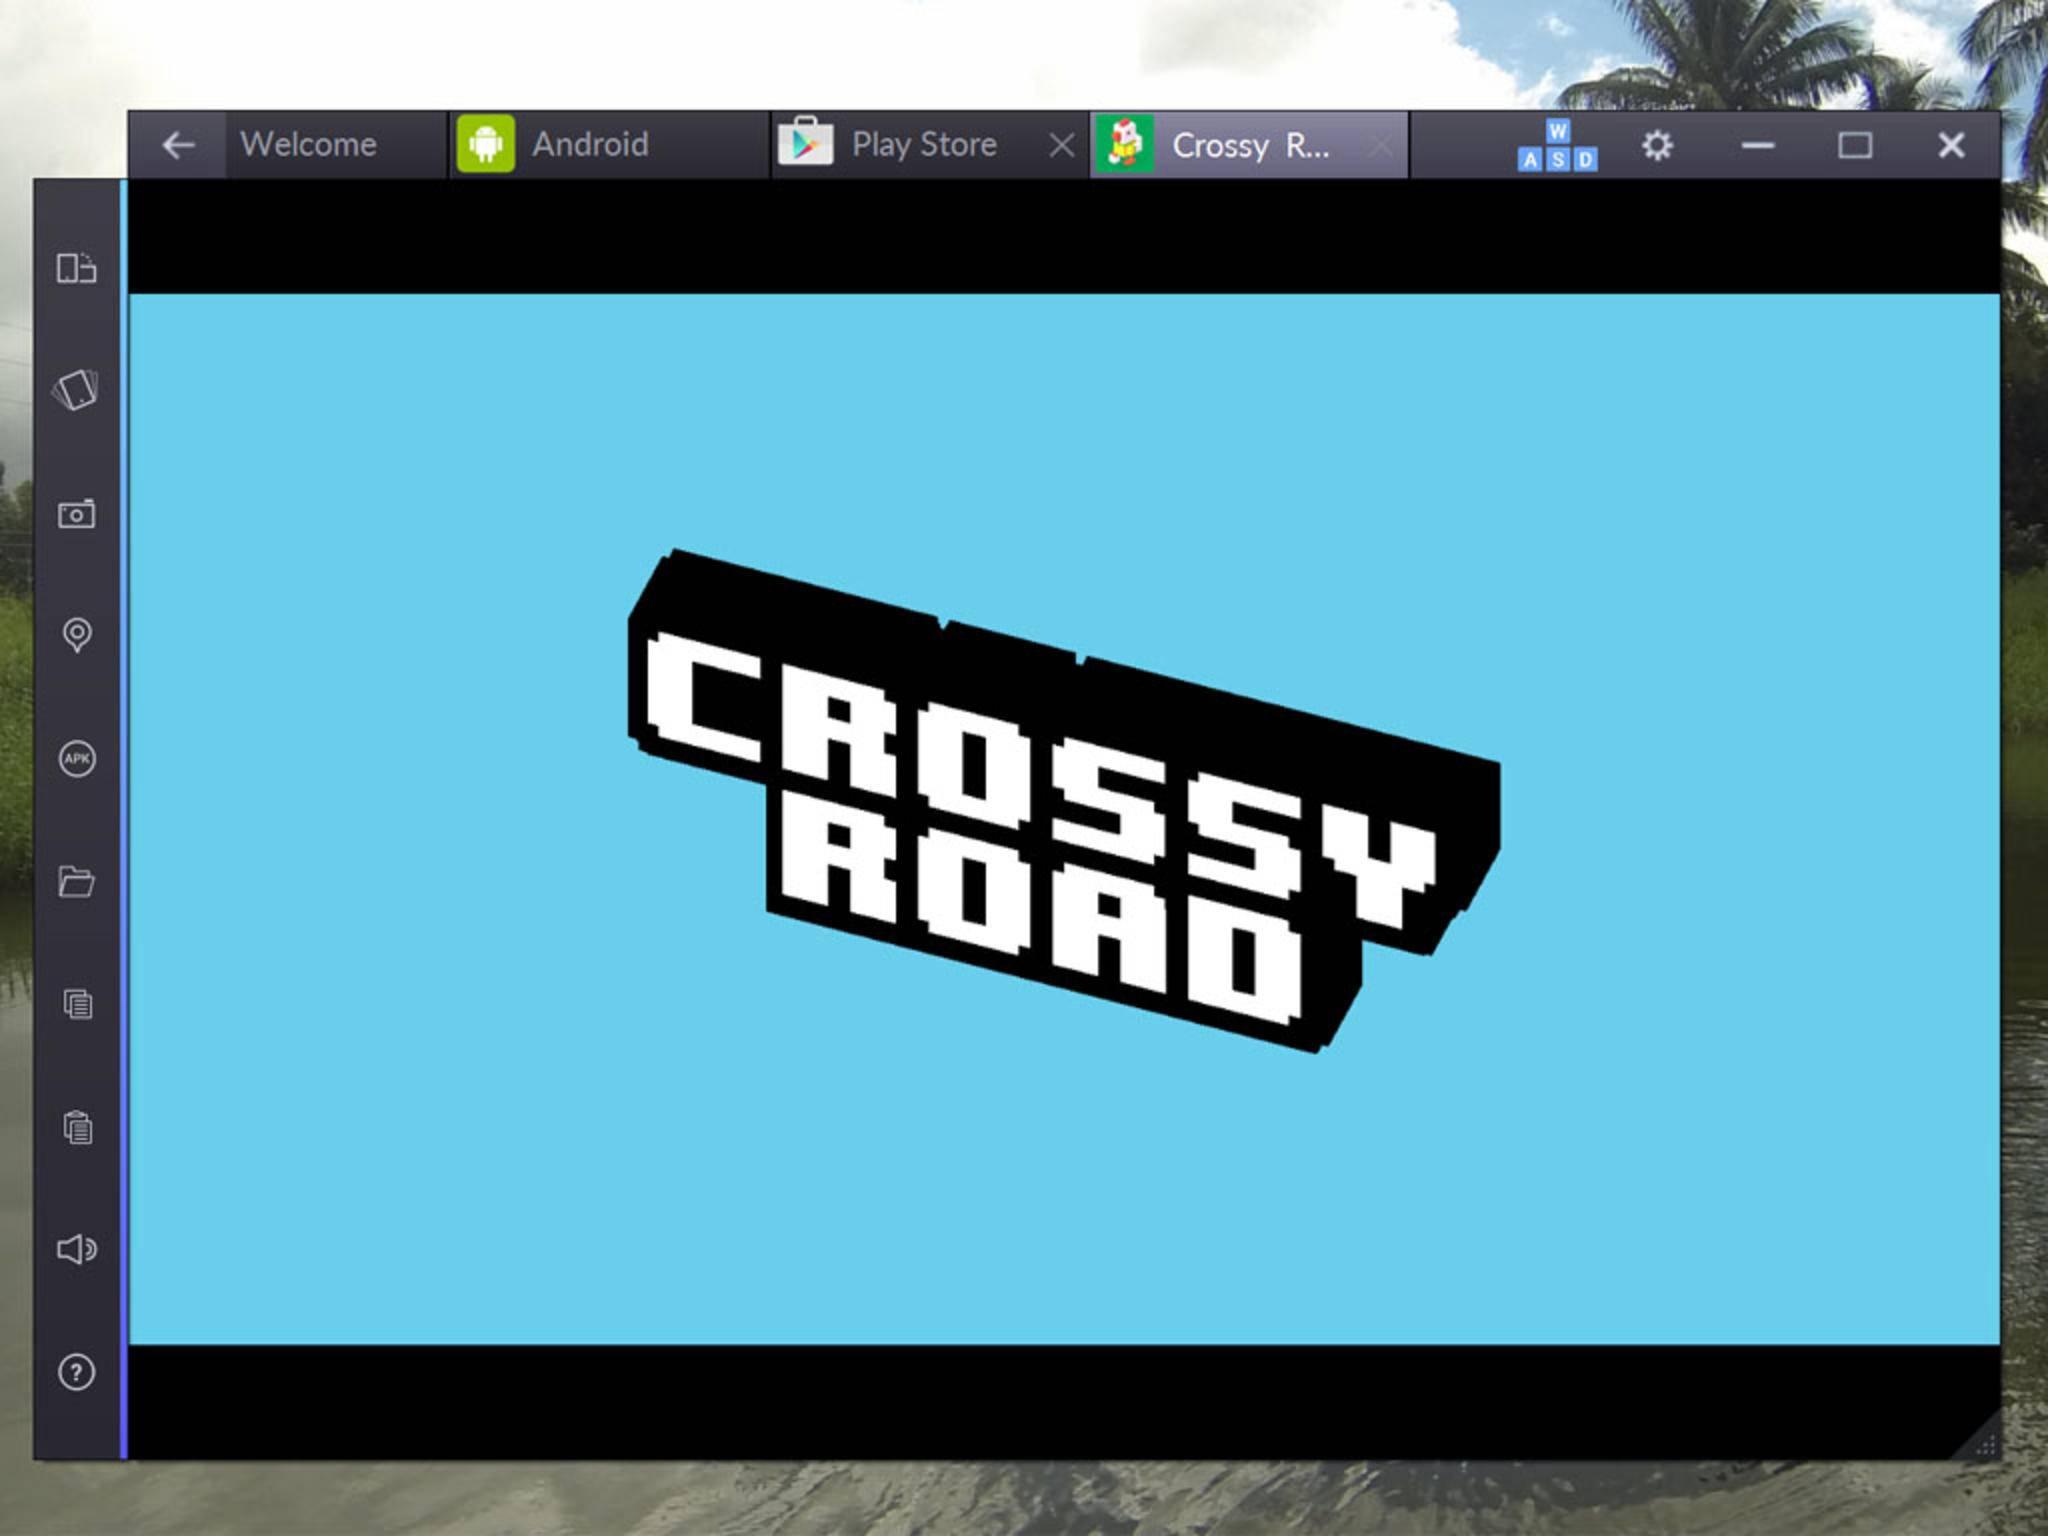 Nach der Installation können Mobile Games auch am PC gespielt werden.